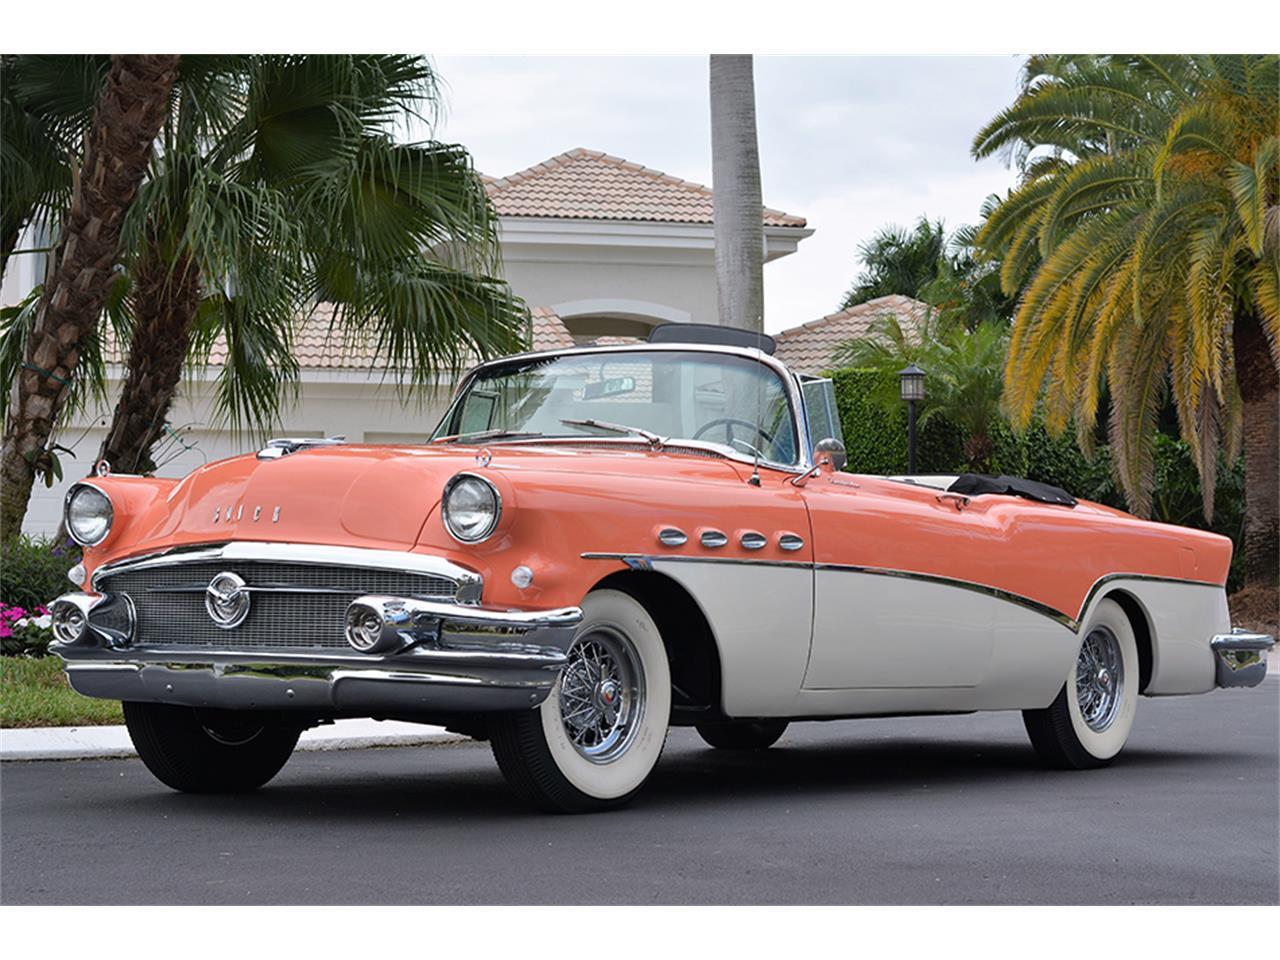 Buick Roadmaster Convertible 76C 1956 – Autoshow